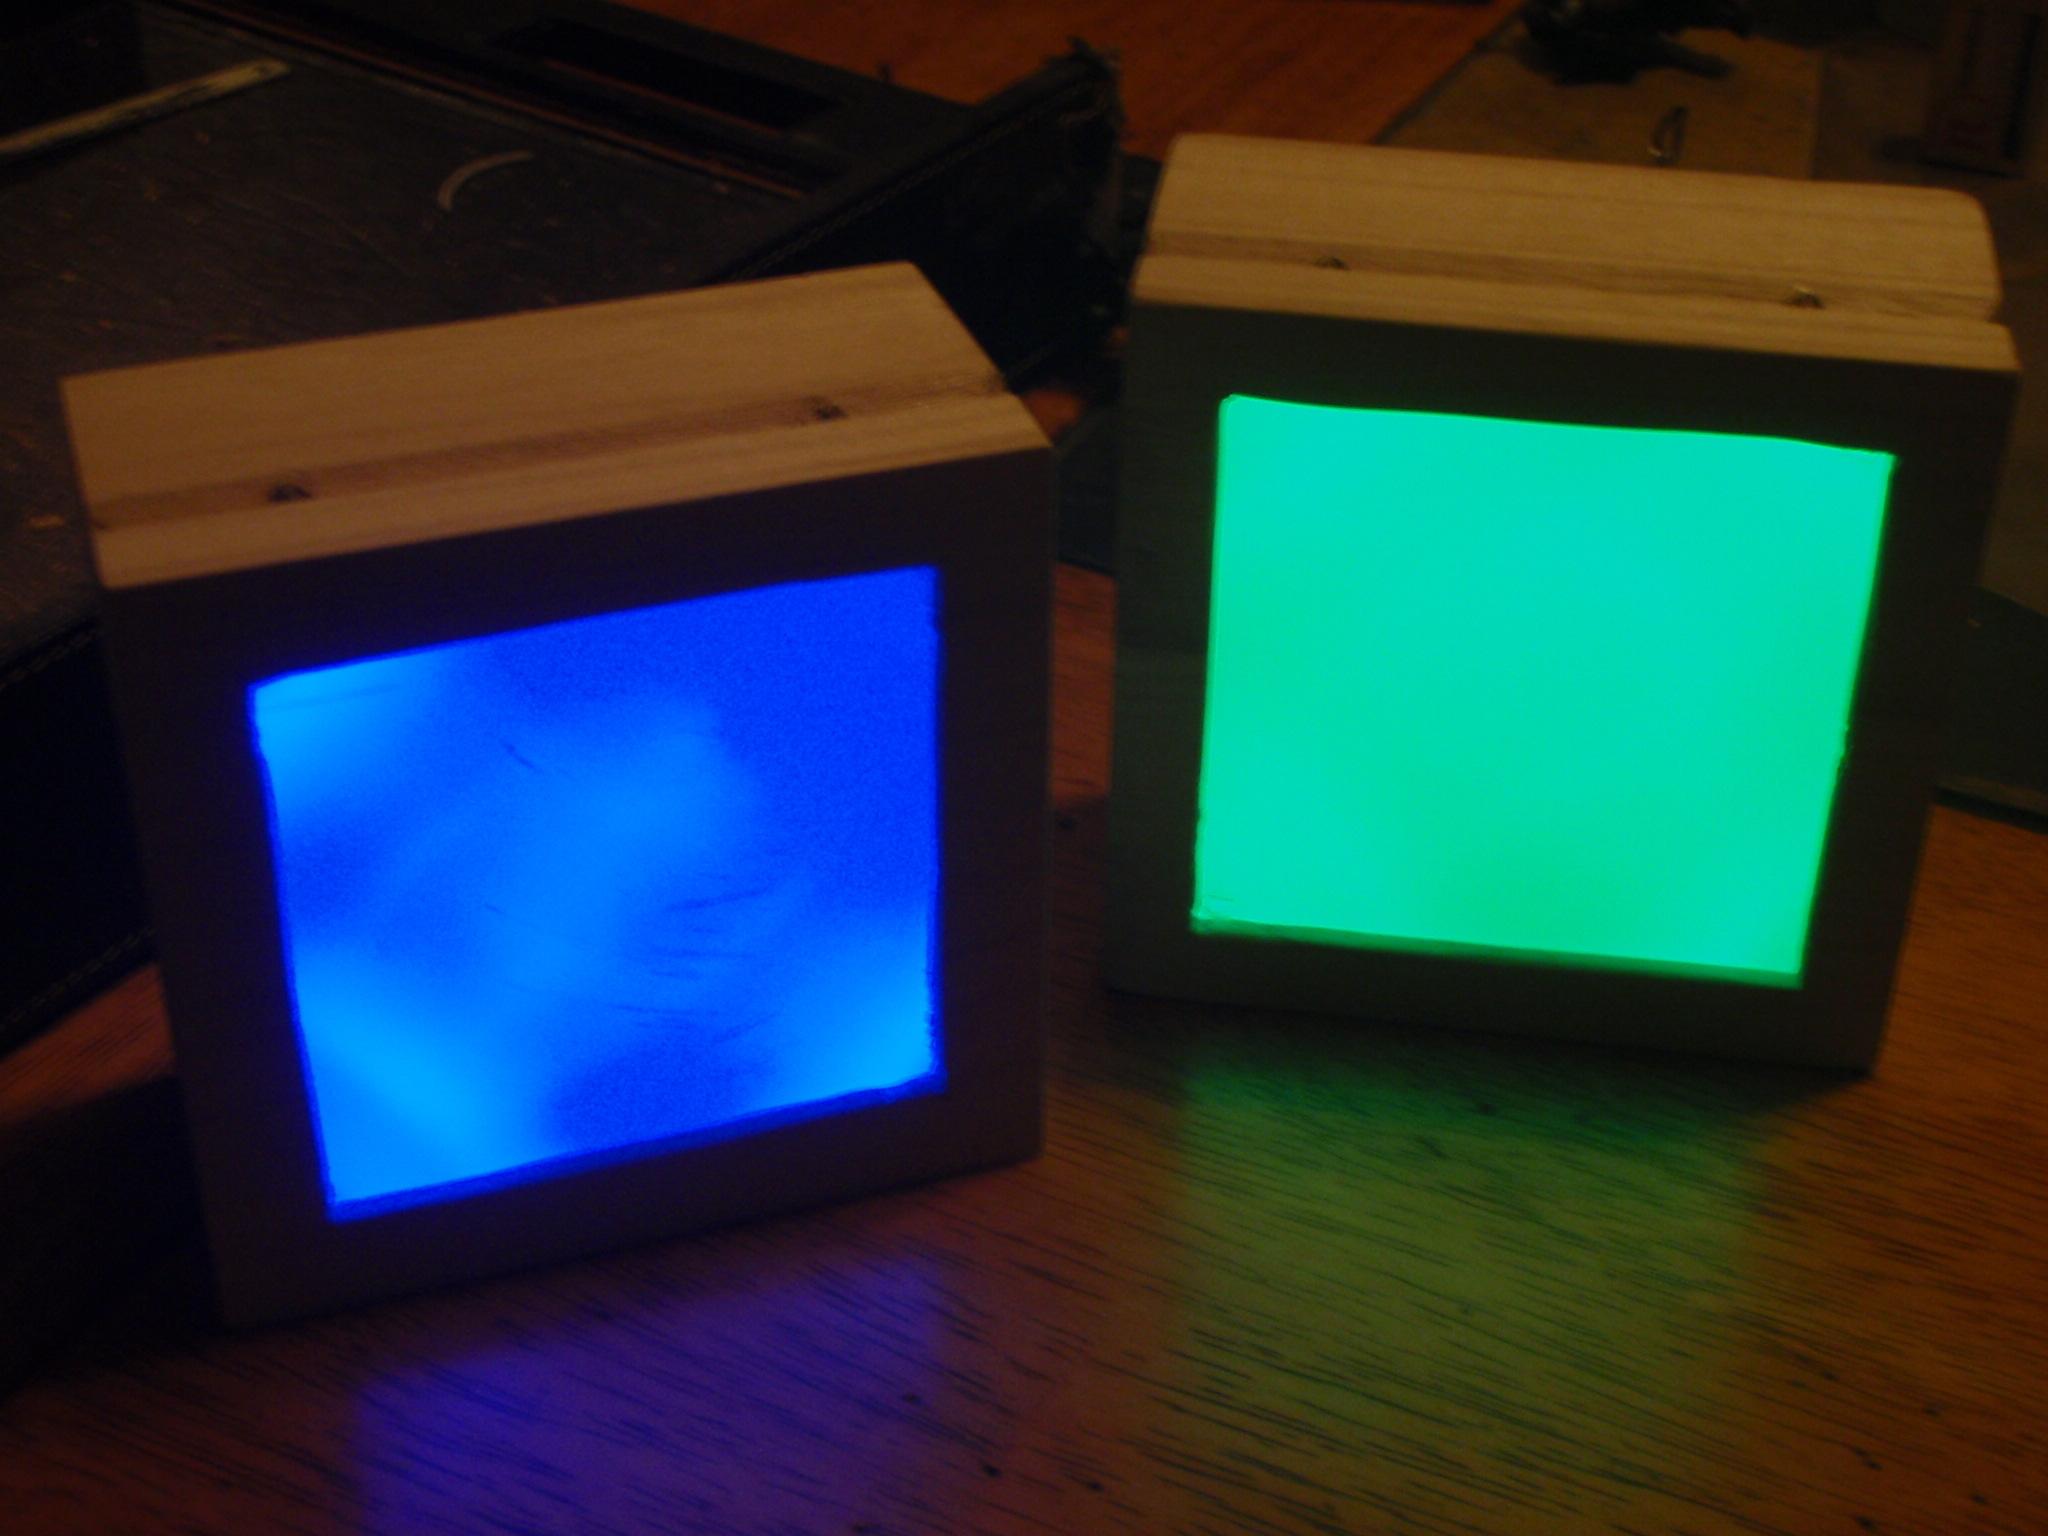 LED tilt light box